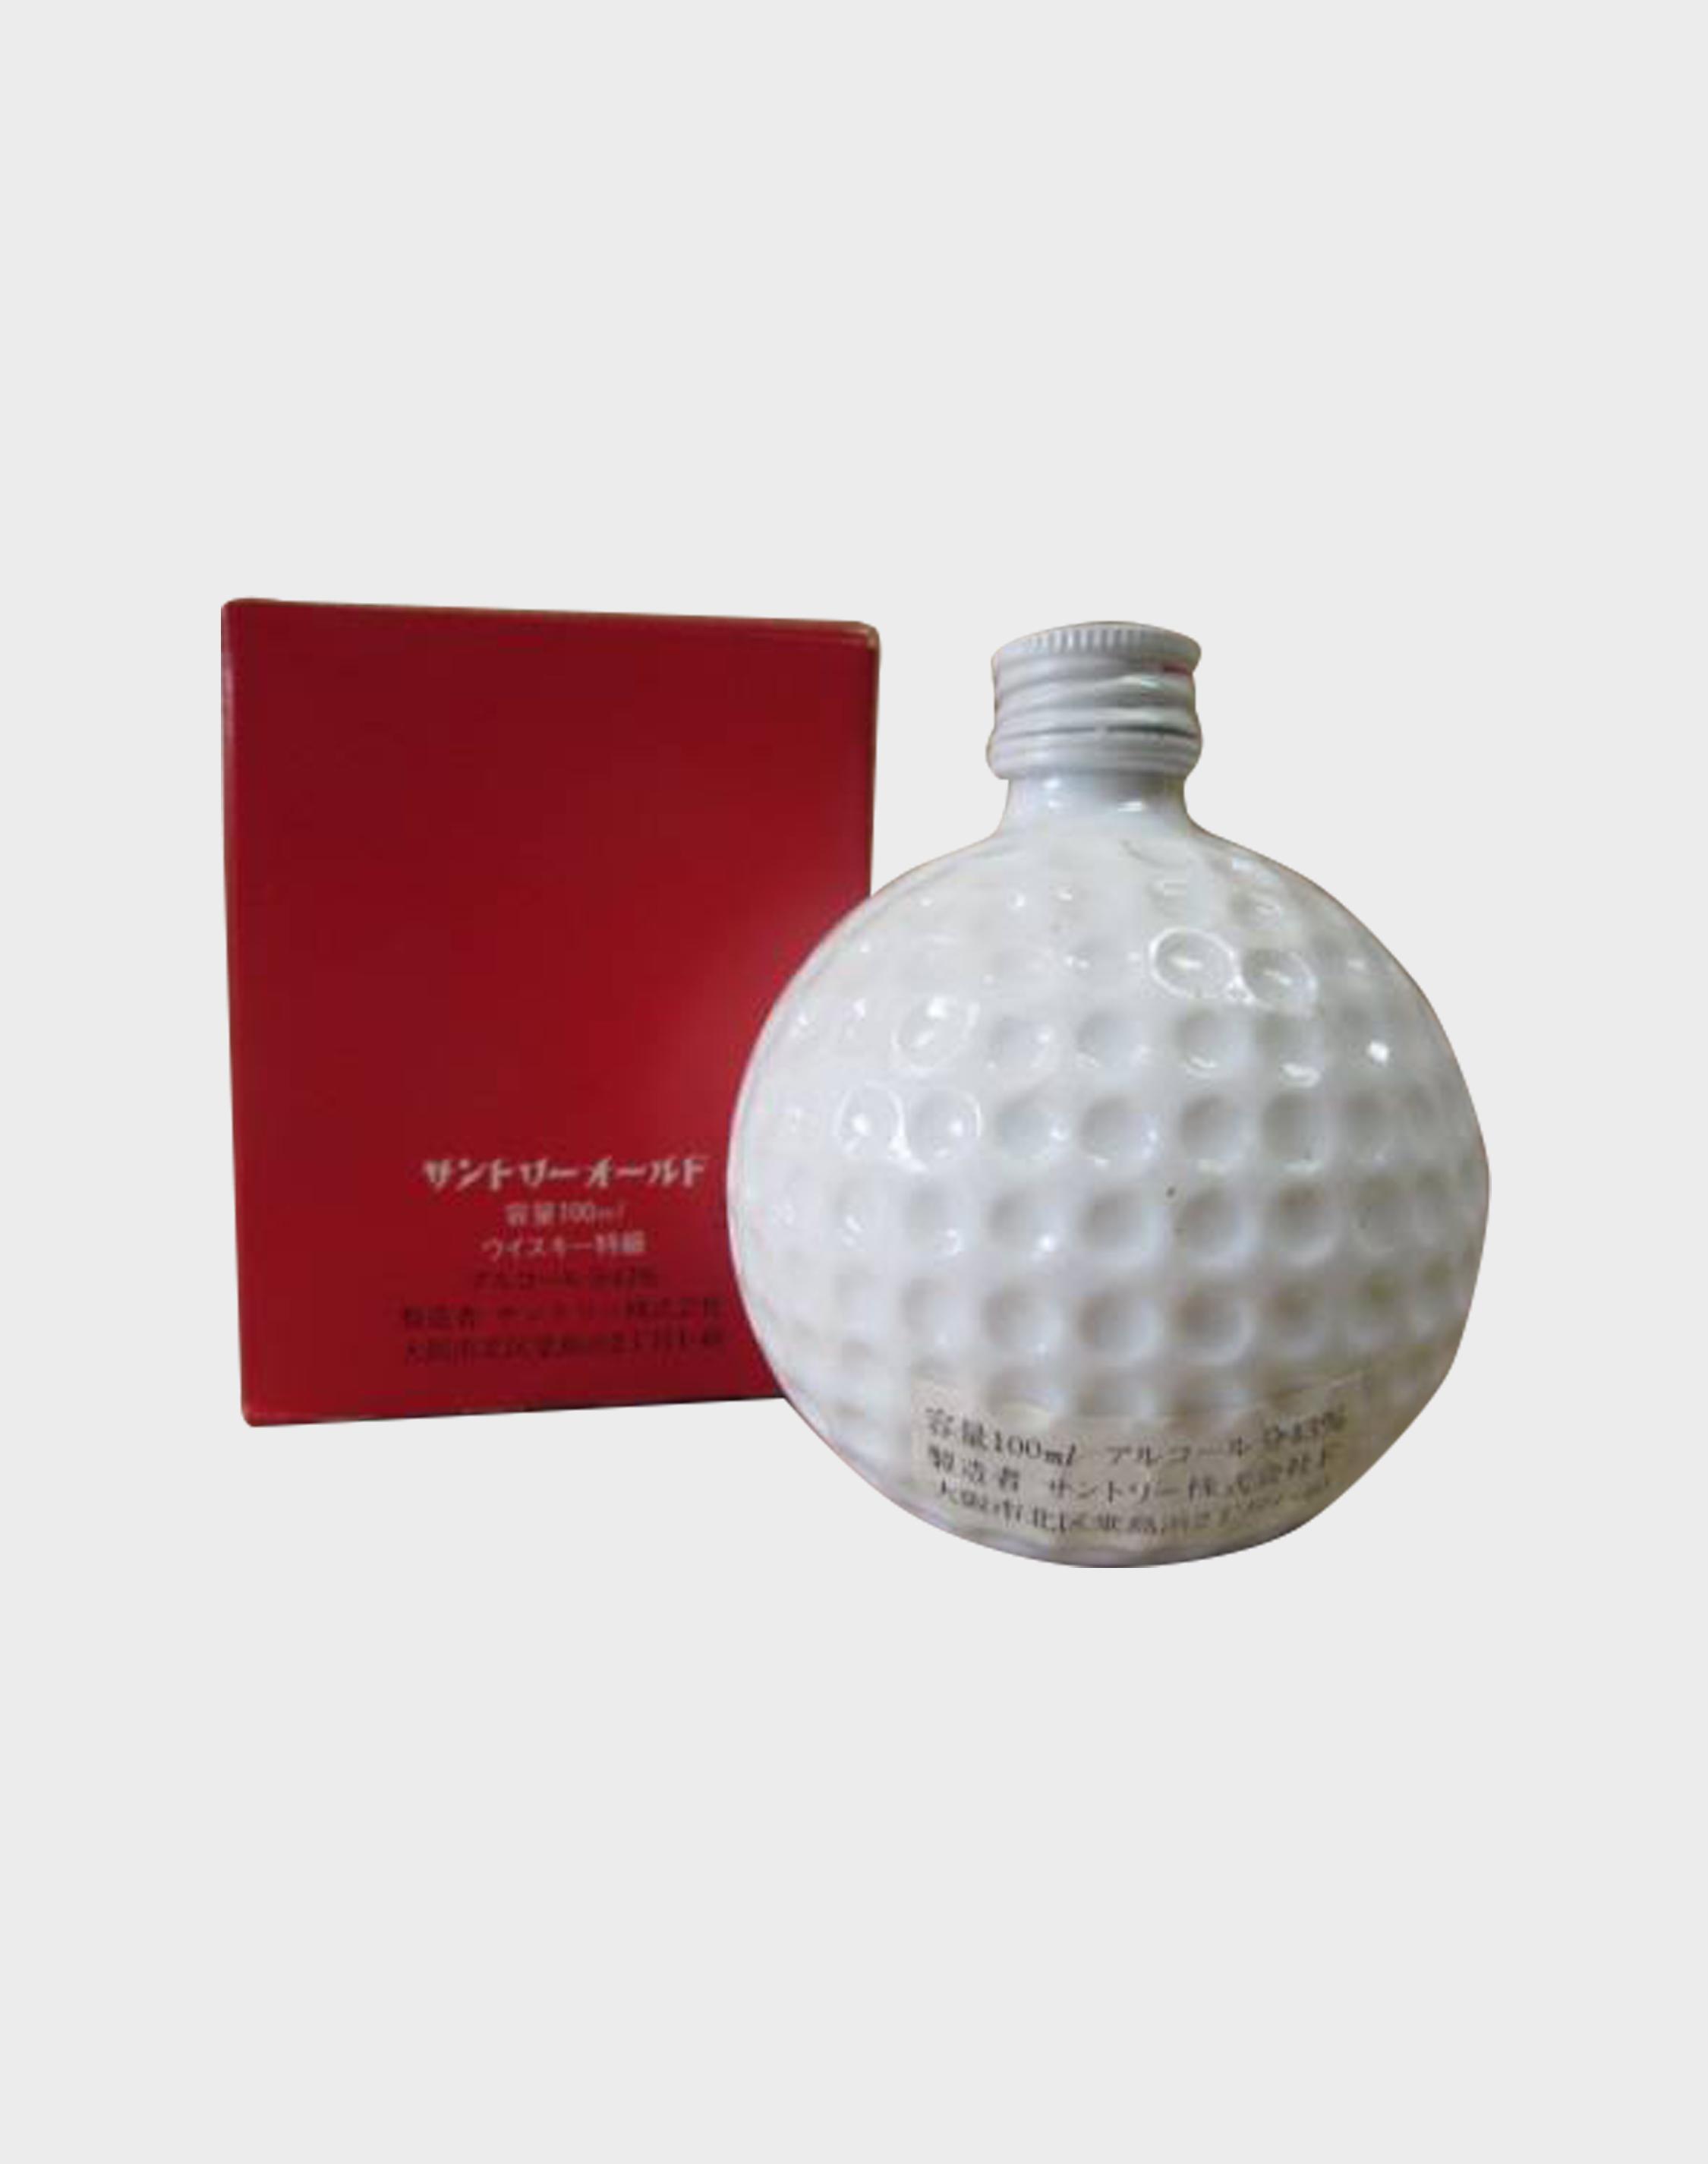 Suntory Old Whisky Ceramic Bottle For Suntory Open Golf